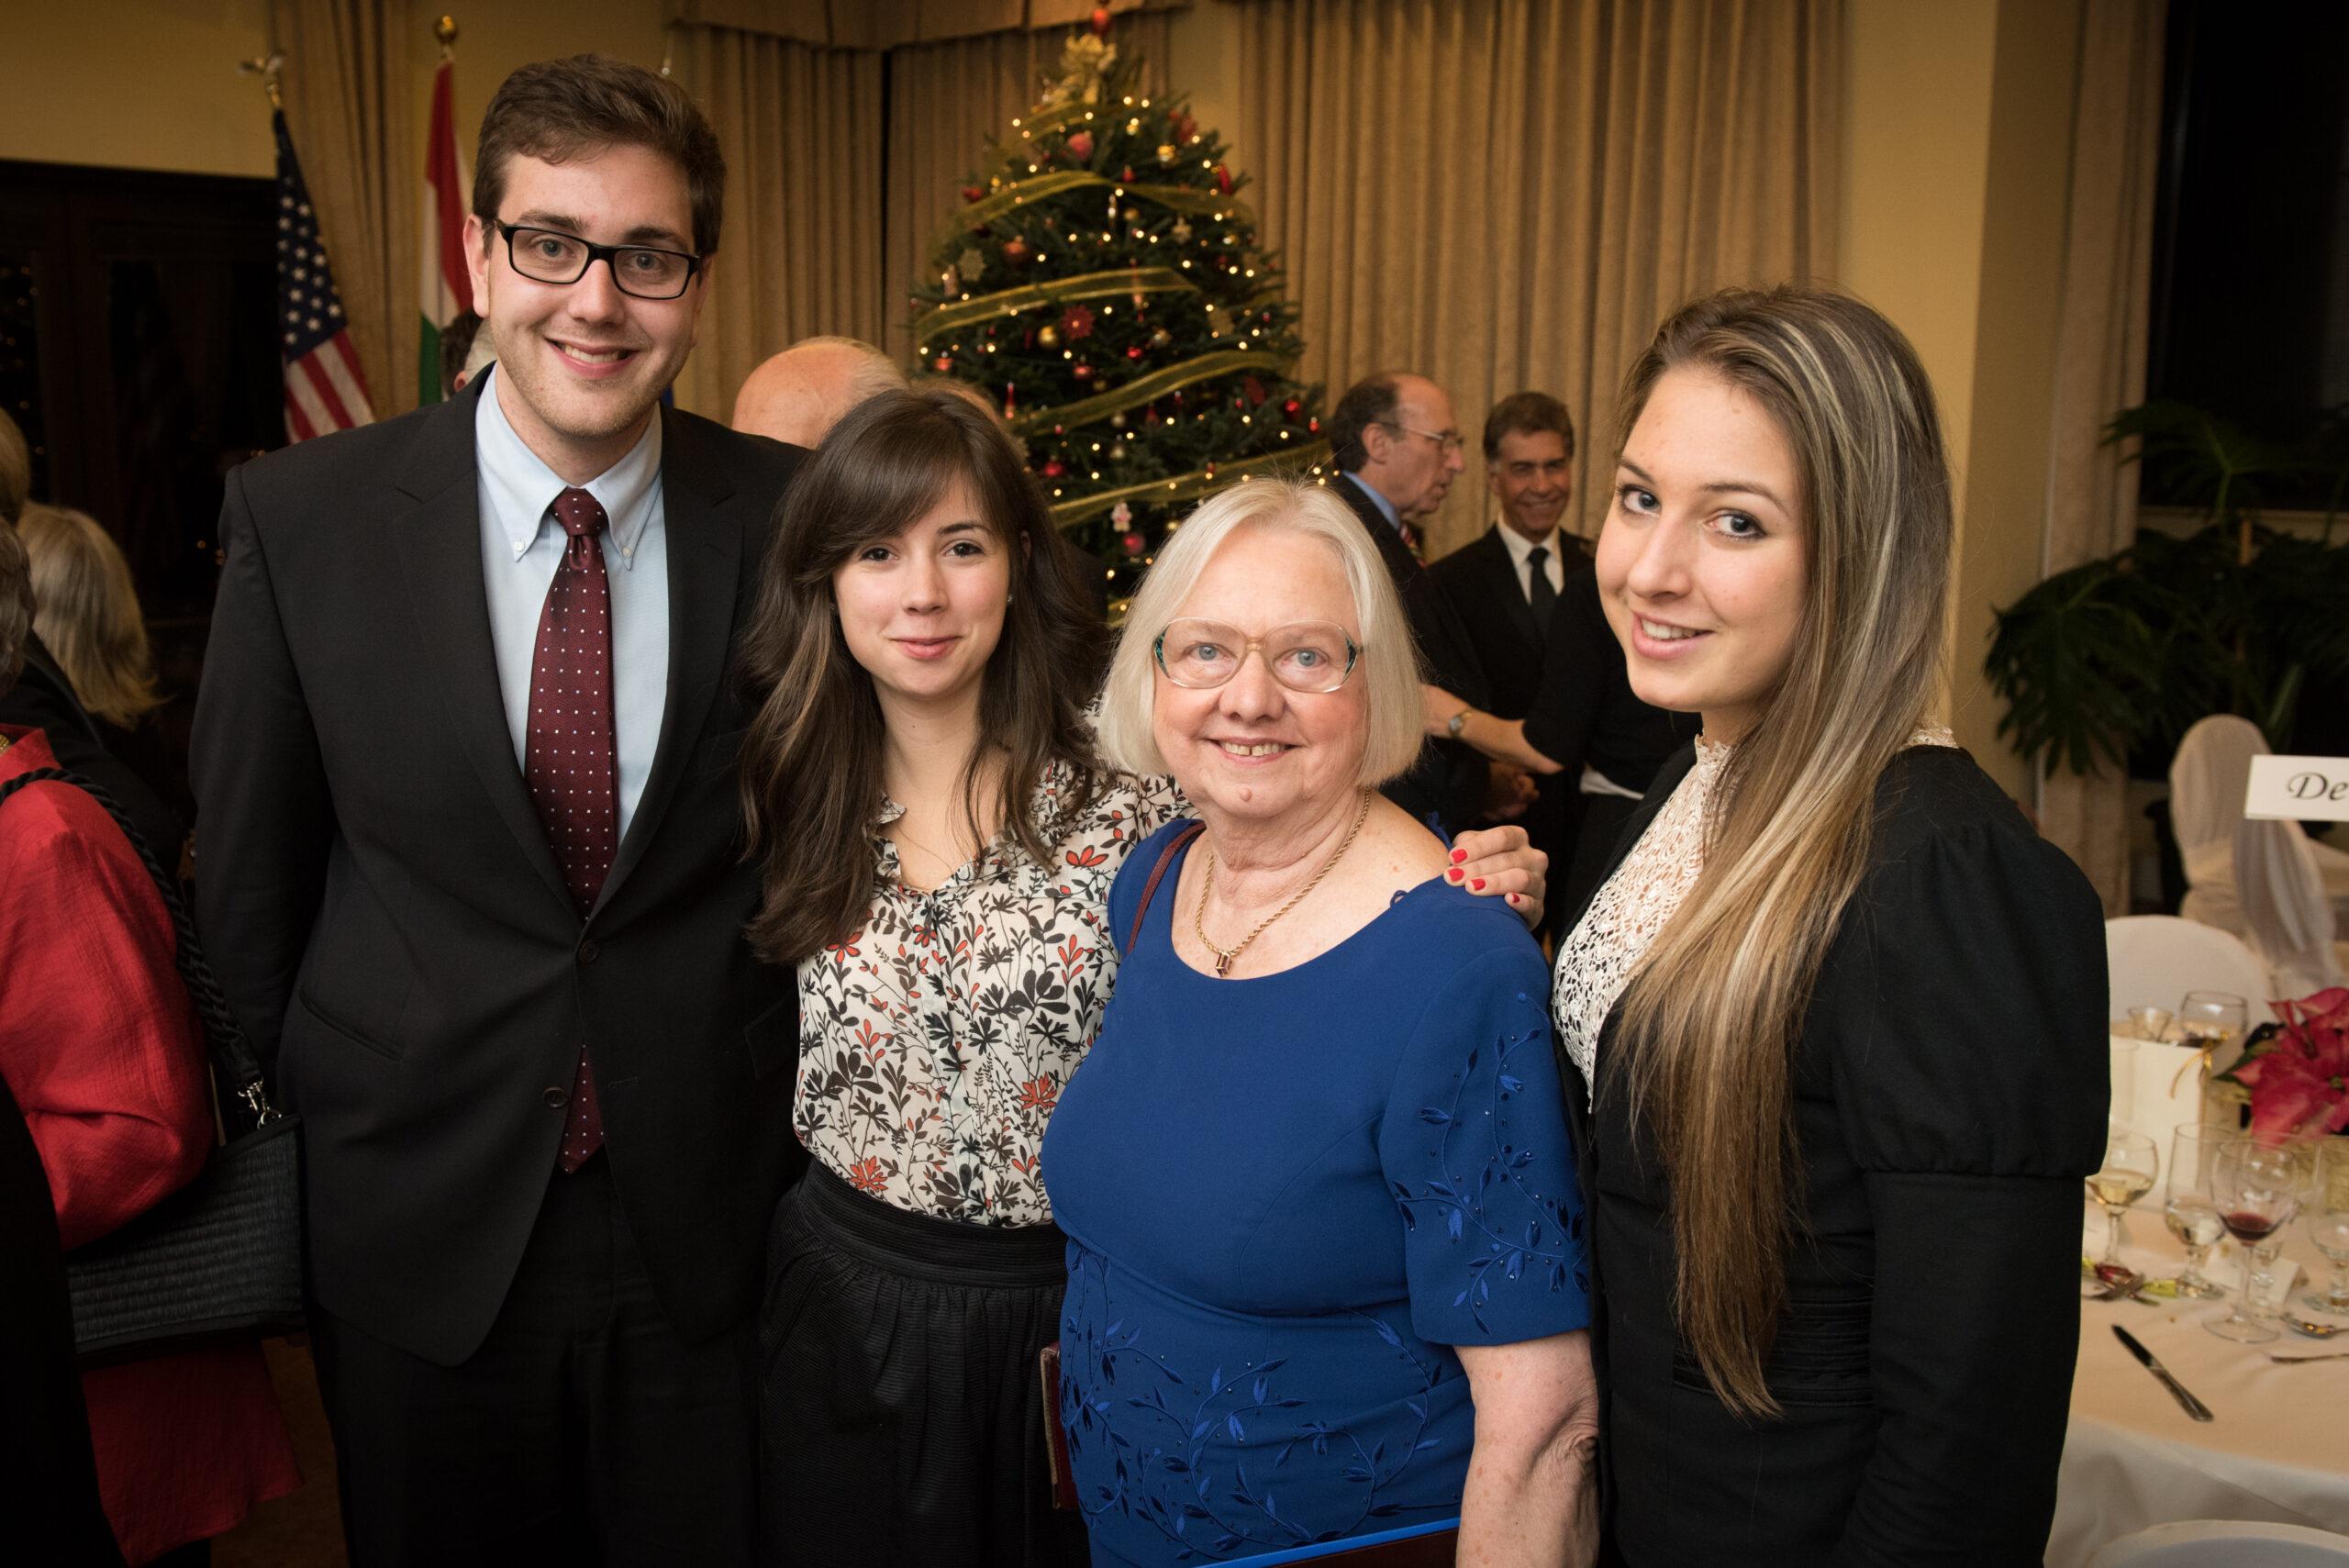 Mrs. Enikő Molnár Basa with Coalition interns Mr. Péter Heltai, Ms. Eszter Pázmándi and Ms. Blanka Bartos